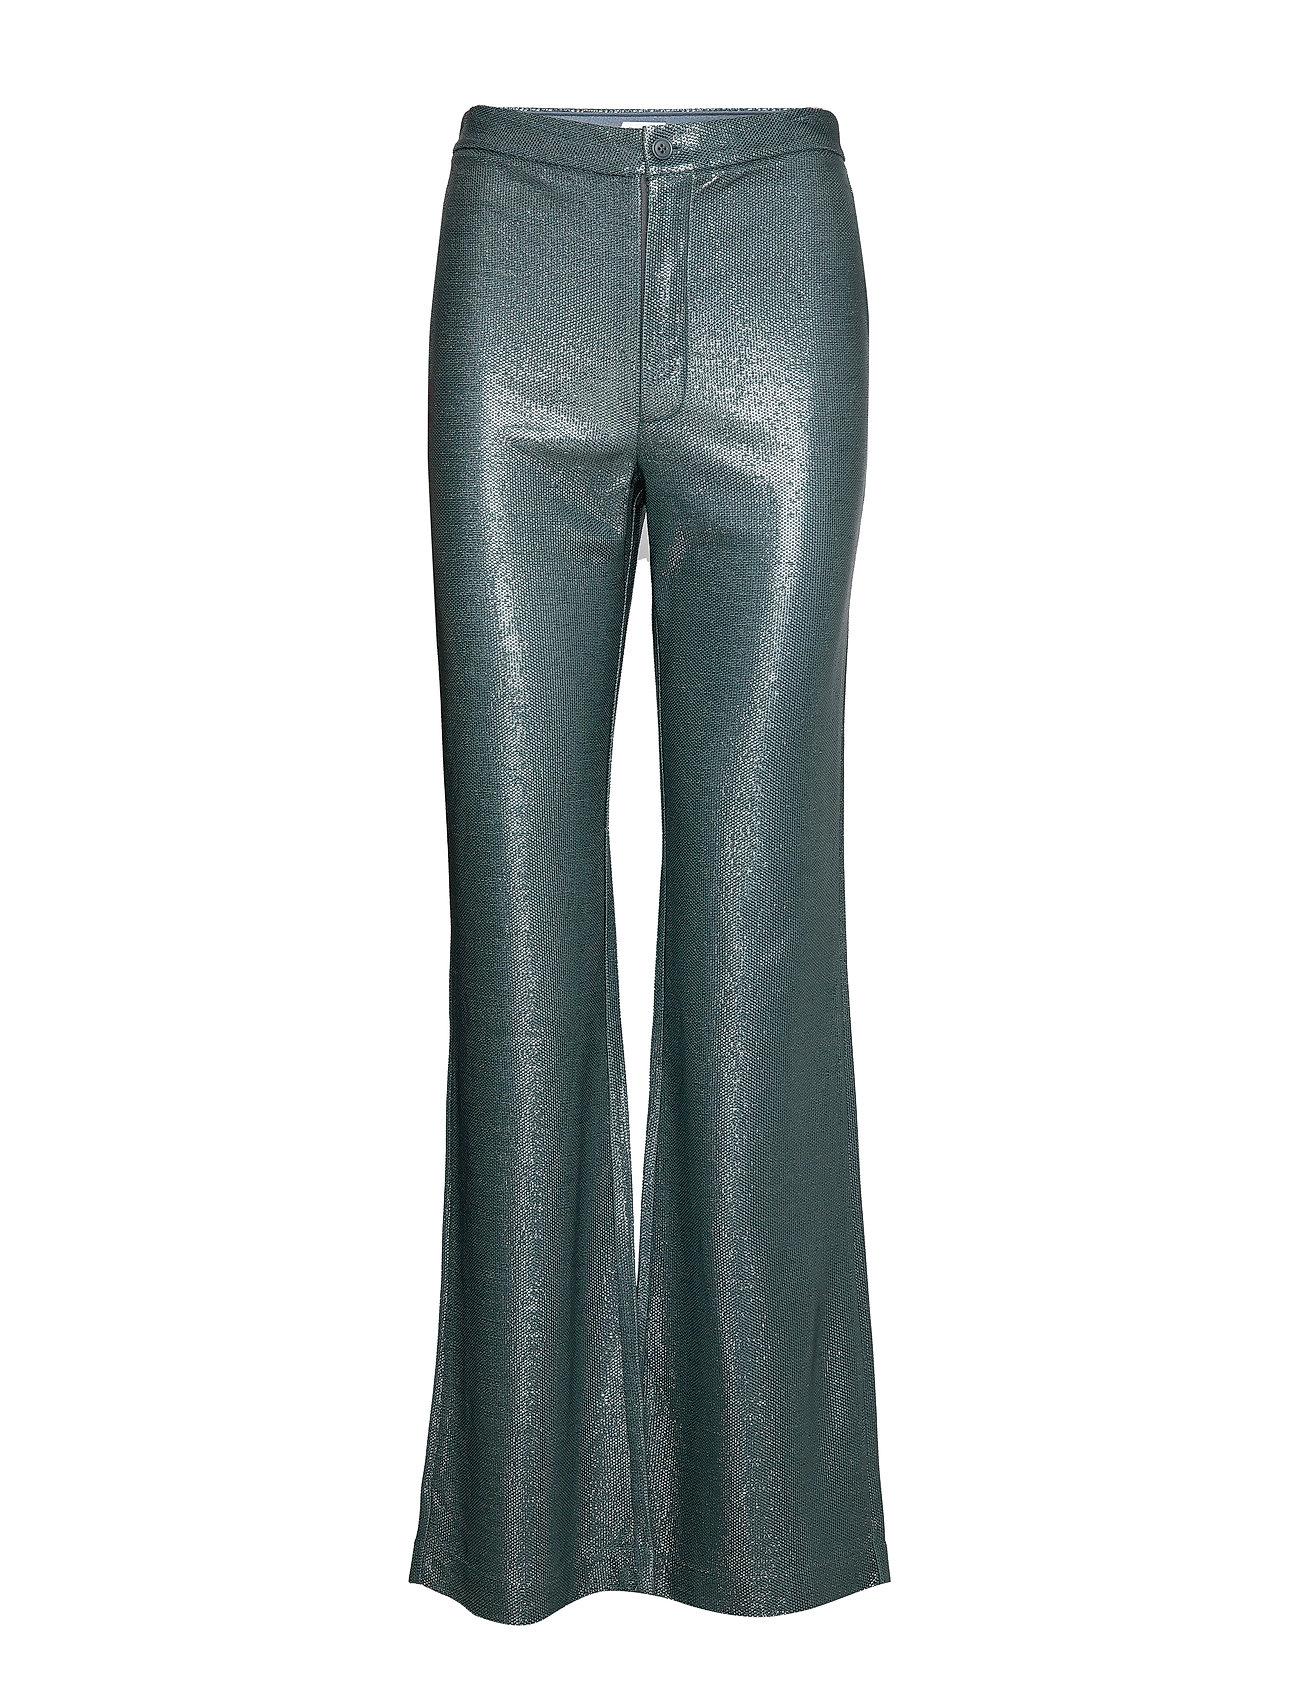 Image of Nyx Lurex Trouser Bukser Med Svaj Blå Filippa K (3347377727)